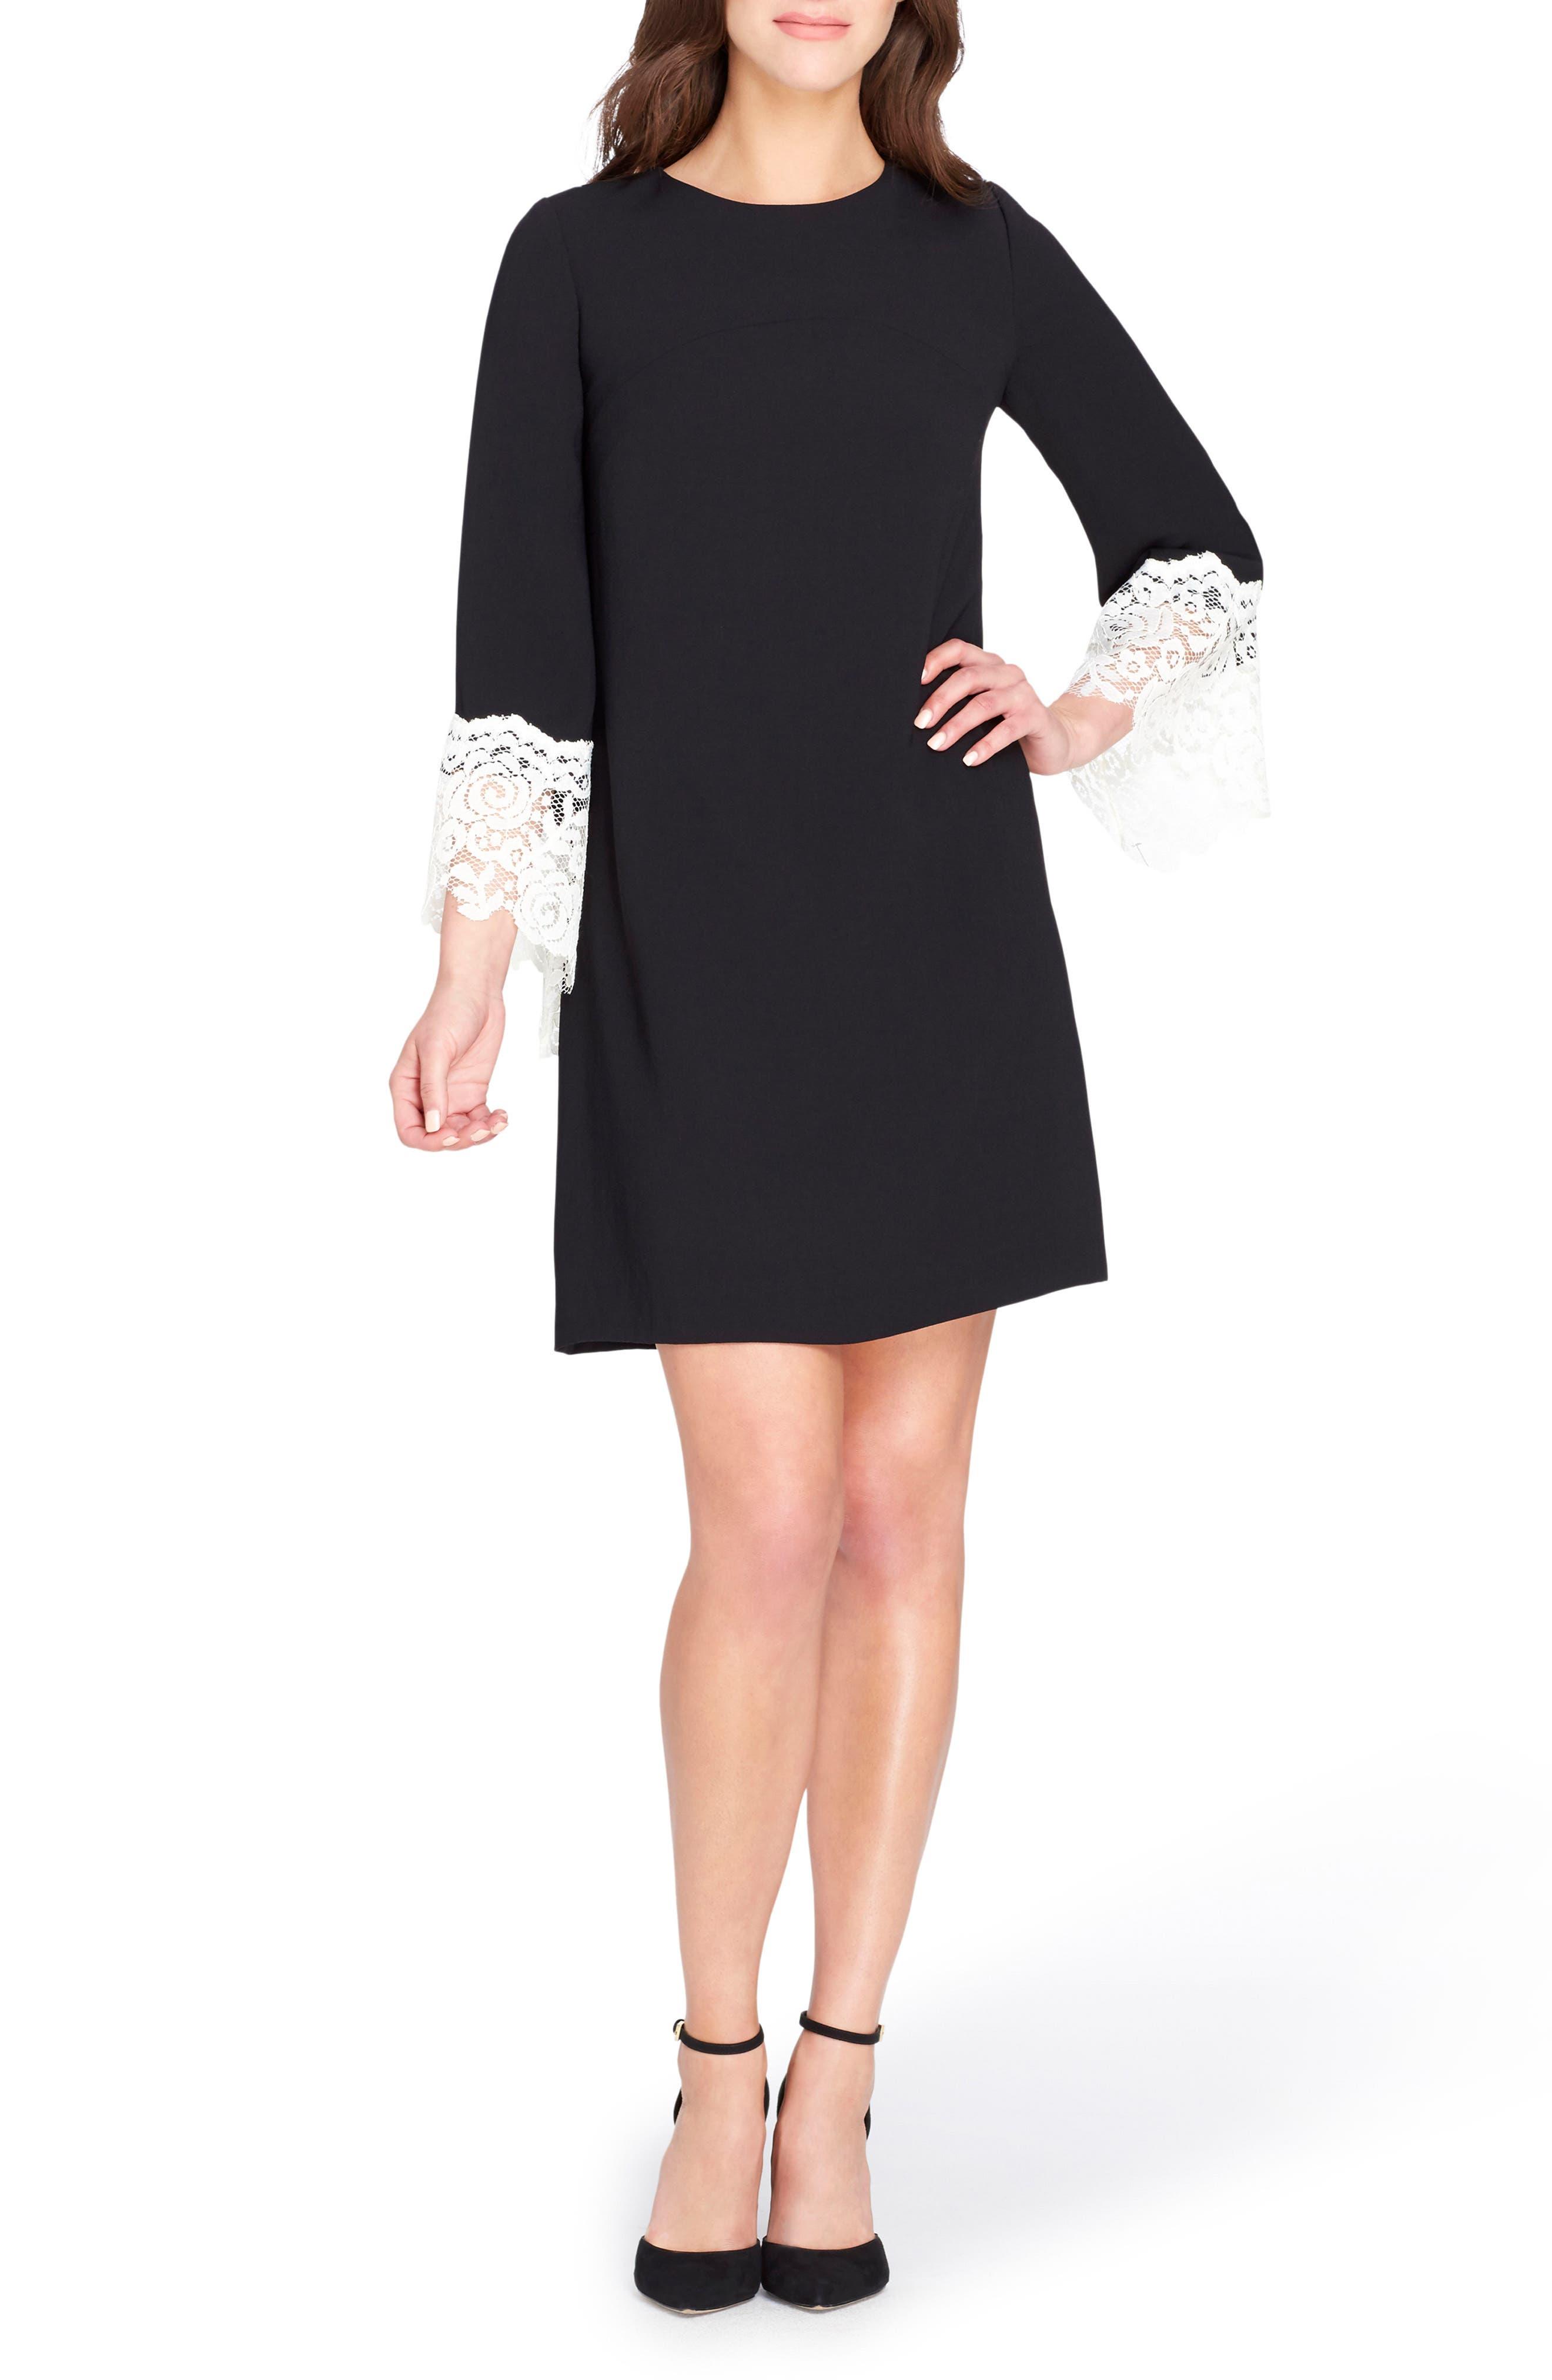 Tahari Lace Cuff Shift Dress